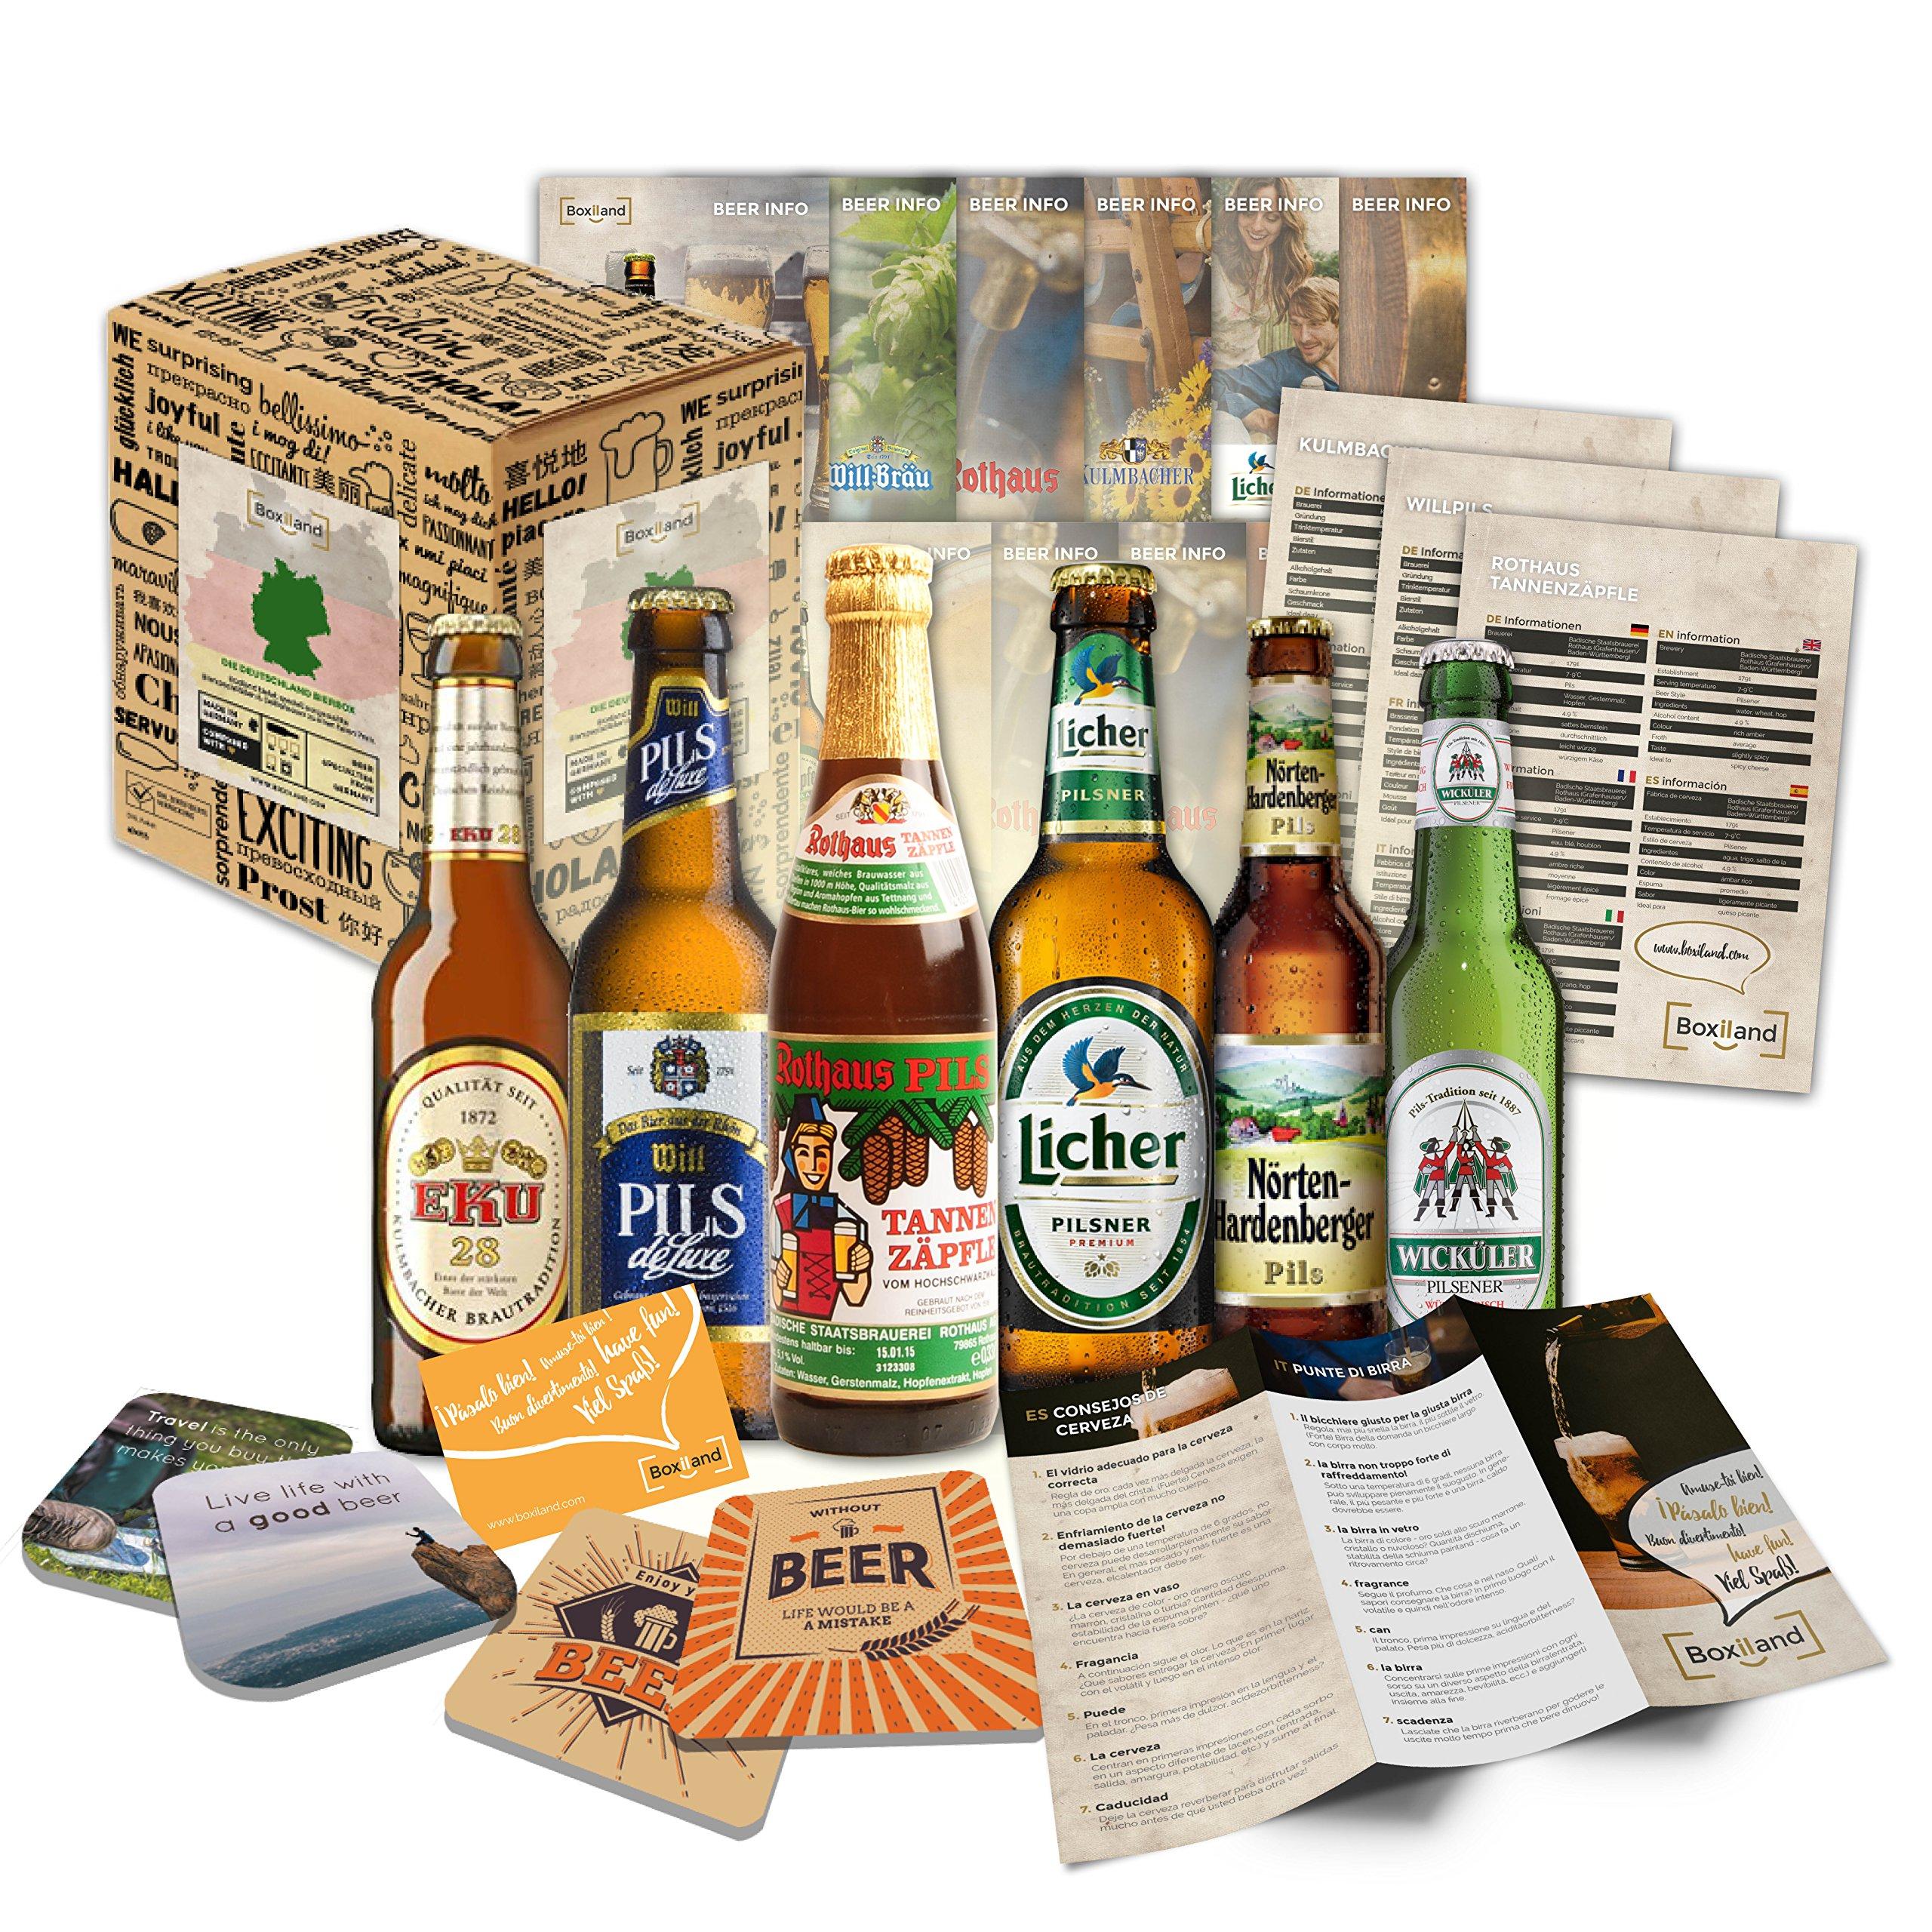 Geschenkkarton Weihnachten.Biere Der Welt Geschenkkarton Bierinformationen Bierdeckel Biergeschenk Fur Manner Geburtstag Weihnachten Etc Die Perfekte Geschenkidee Fur